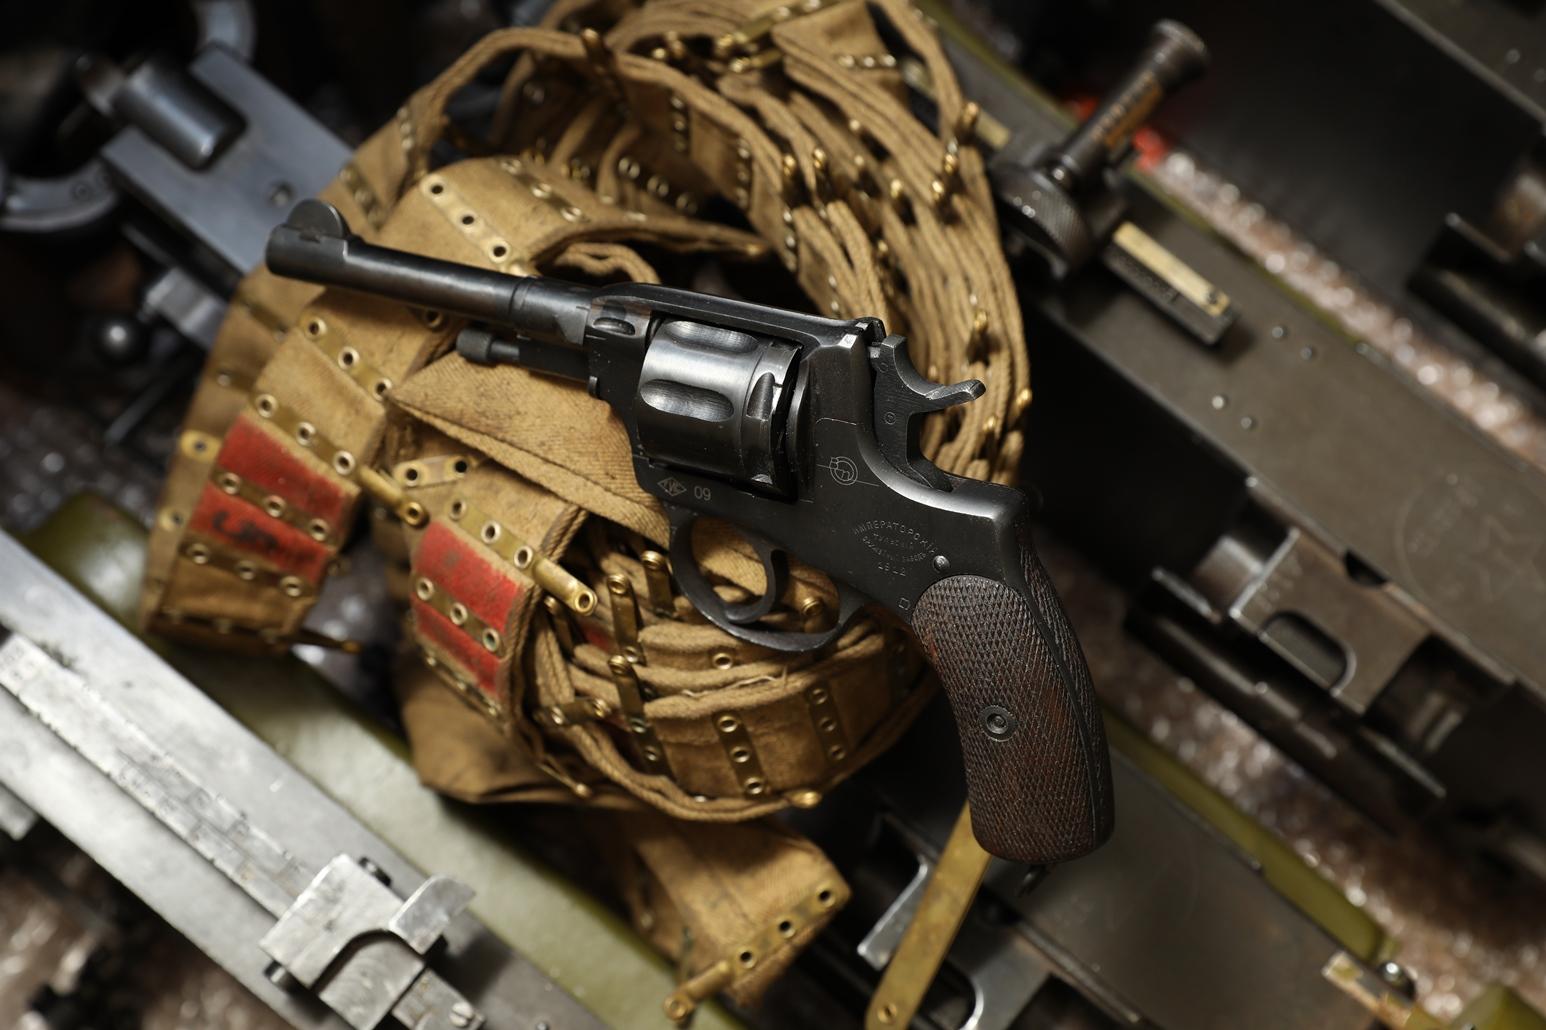 Сигнальный револьвер Наган Блеф 1912 года №42702, полковое клеймо: М.G.K.L J R № 27